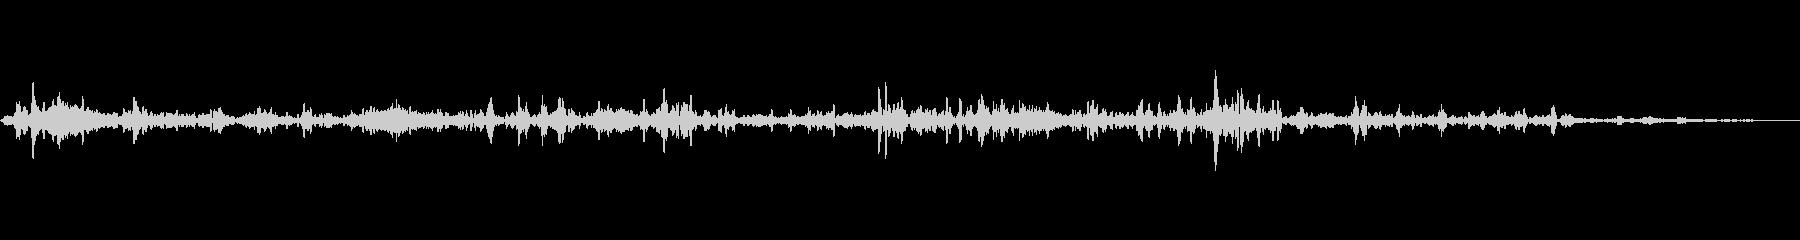 いつかの波の音(短め)の未再生の波形